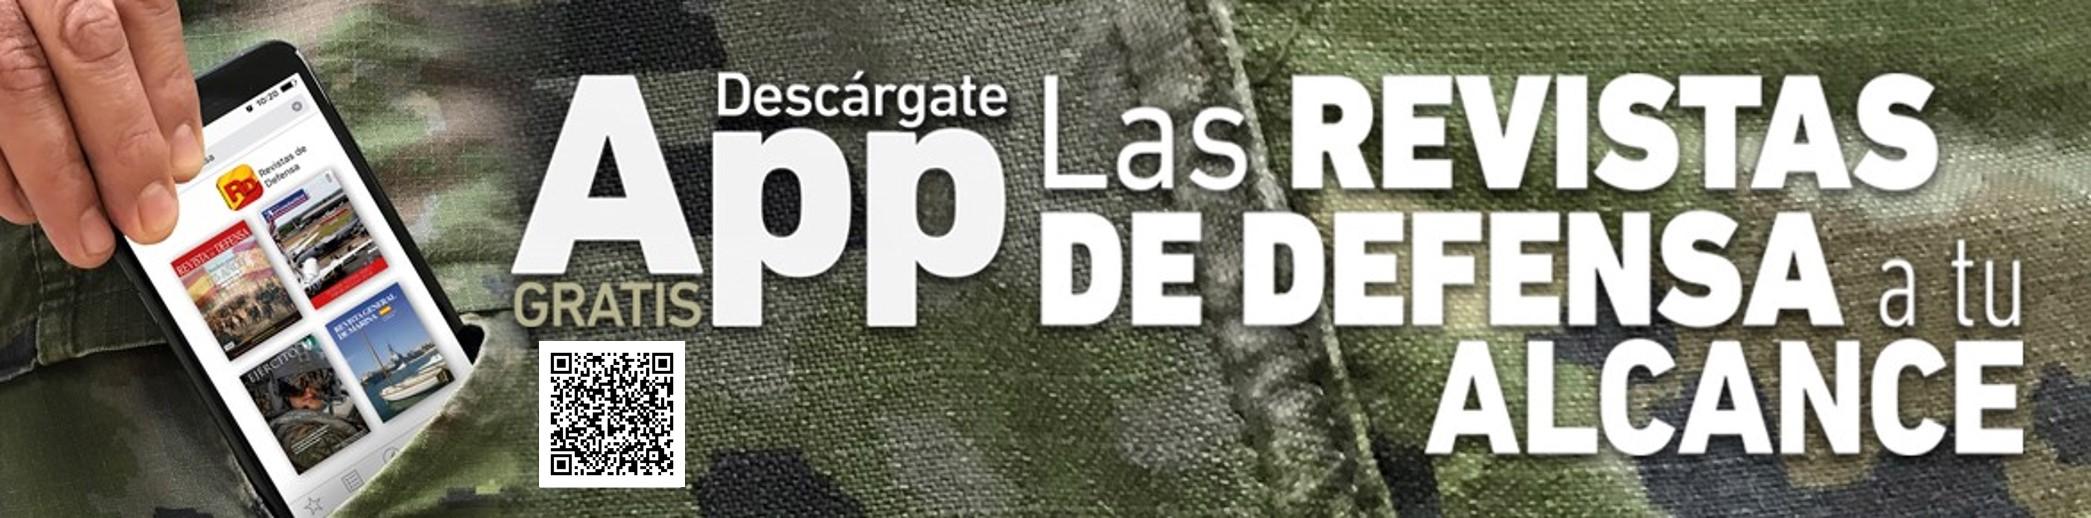 https://publicaciones.defensa.gob.es/noticias/LAS_REVISTAS_MAS_IMPORTANTES_GRATIS_EN_NUESTRA_APP/